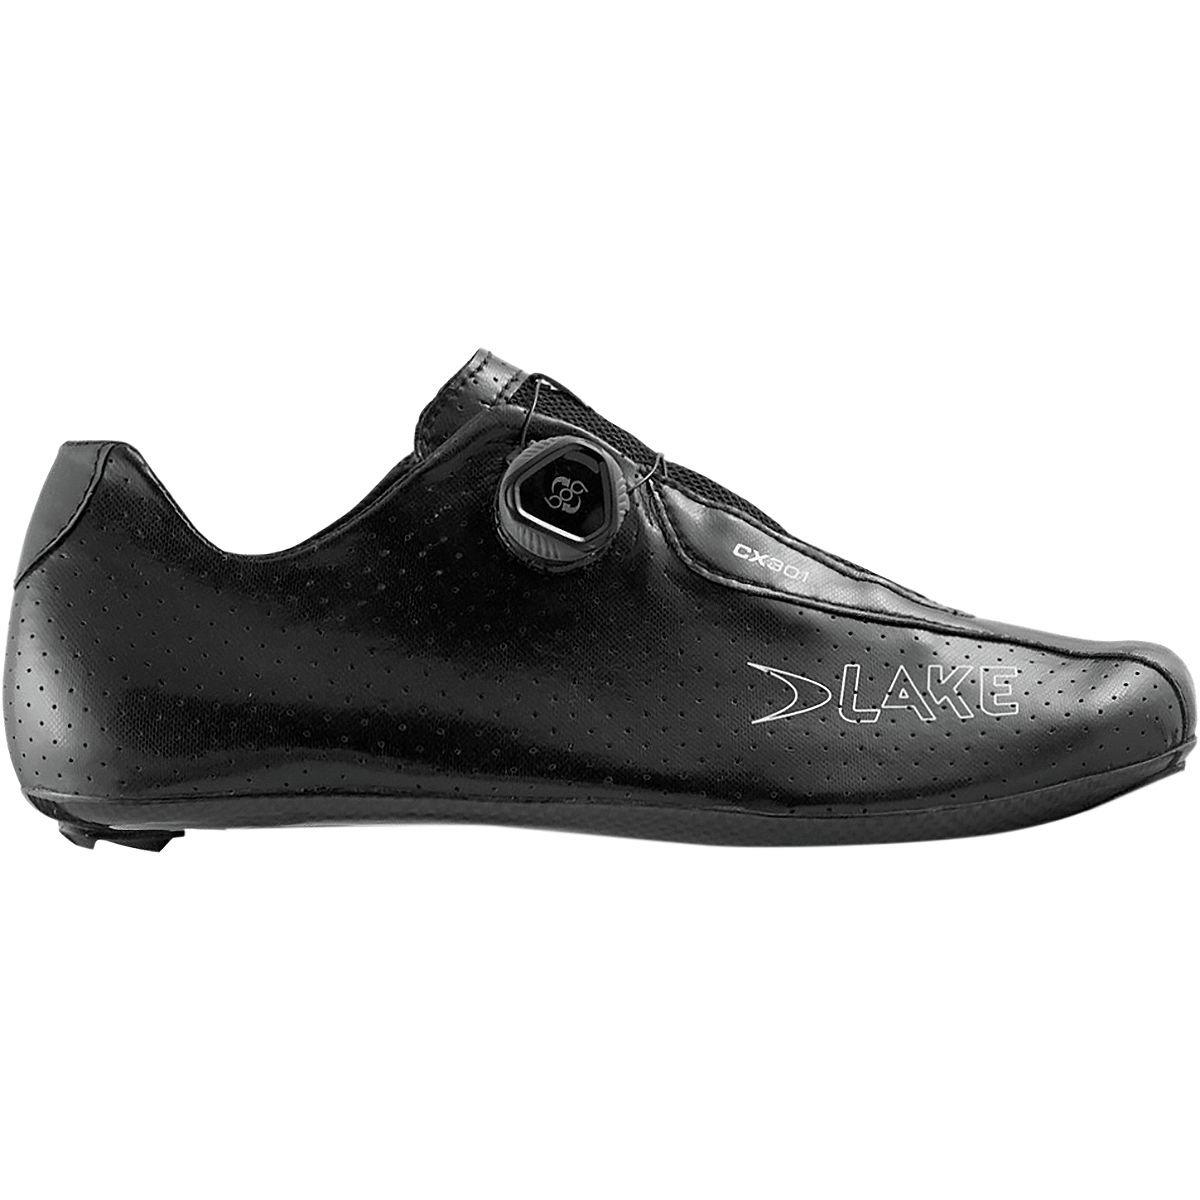 Lake CX301 エクストラワイド サイクリングシューズ - メンズ ブラック 44.0   B07LC3754D